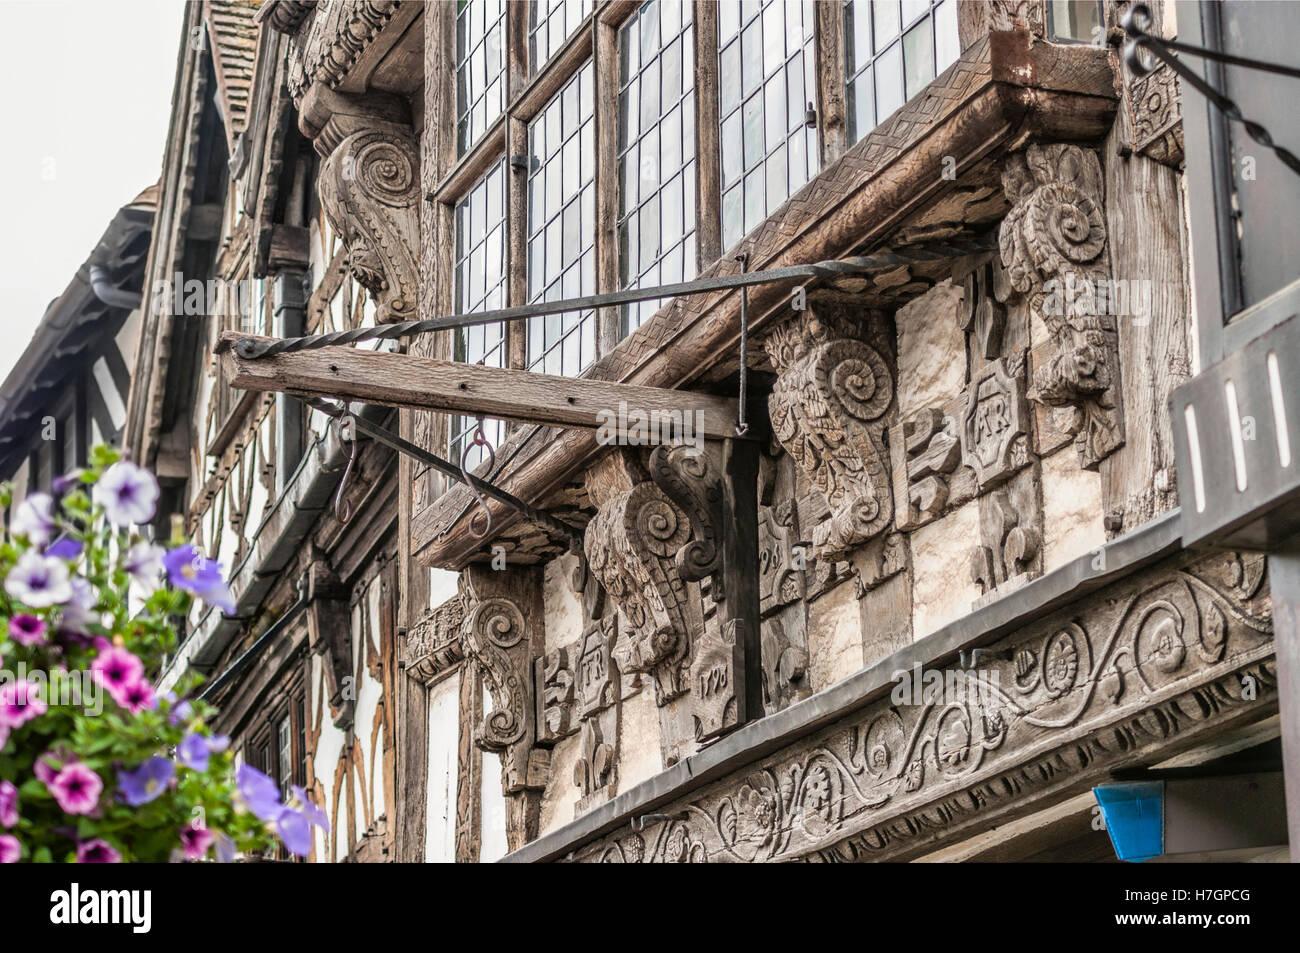 Artful detail at house in Stratford upon Avon, Warwickshire, England   Kunstvolle Details an einem historischen - Stock Image